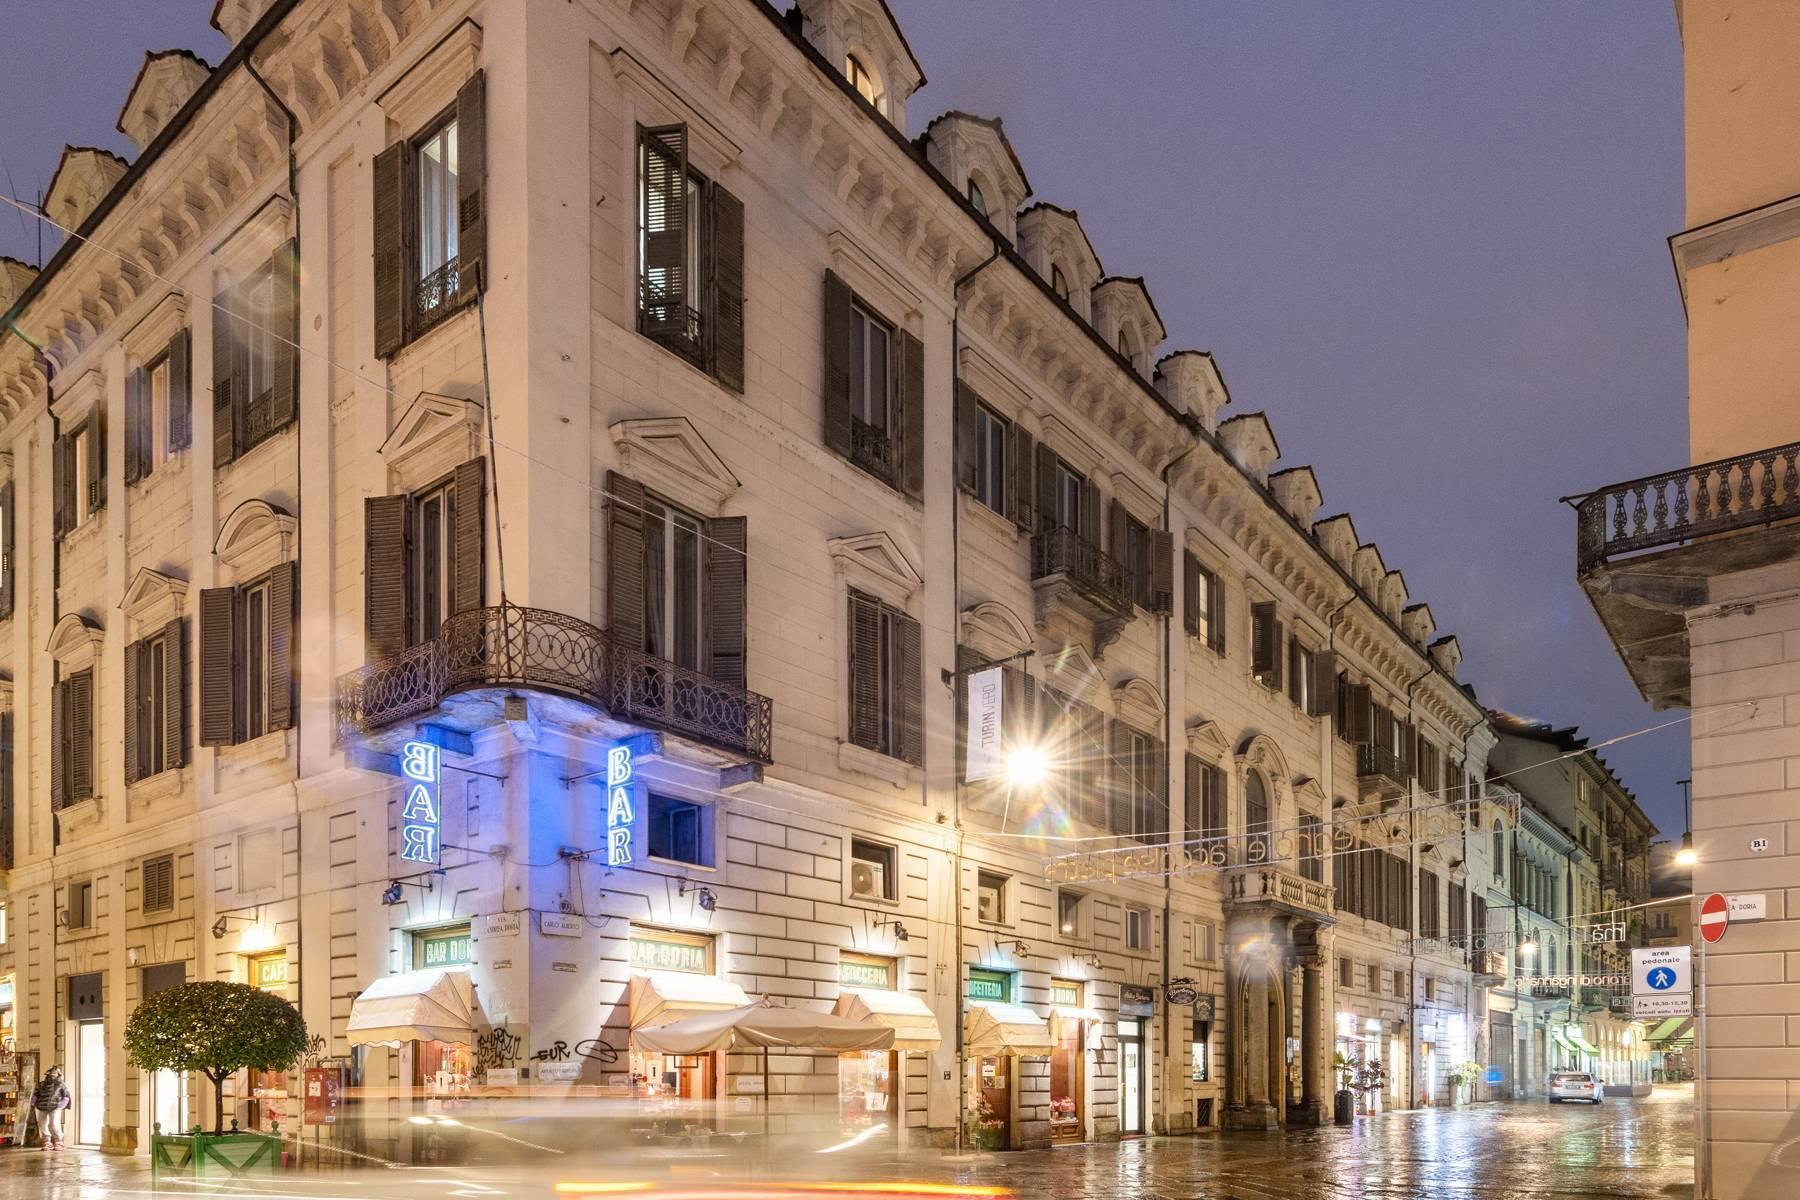 Appartement élégant dans un palais historique - 1